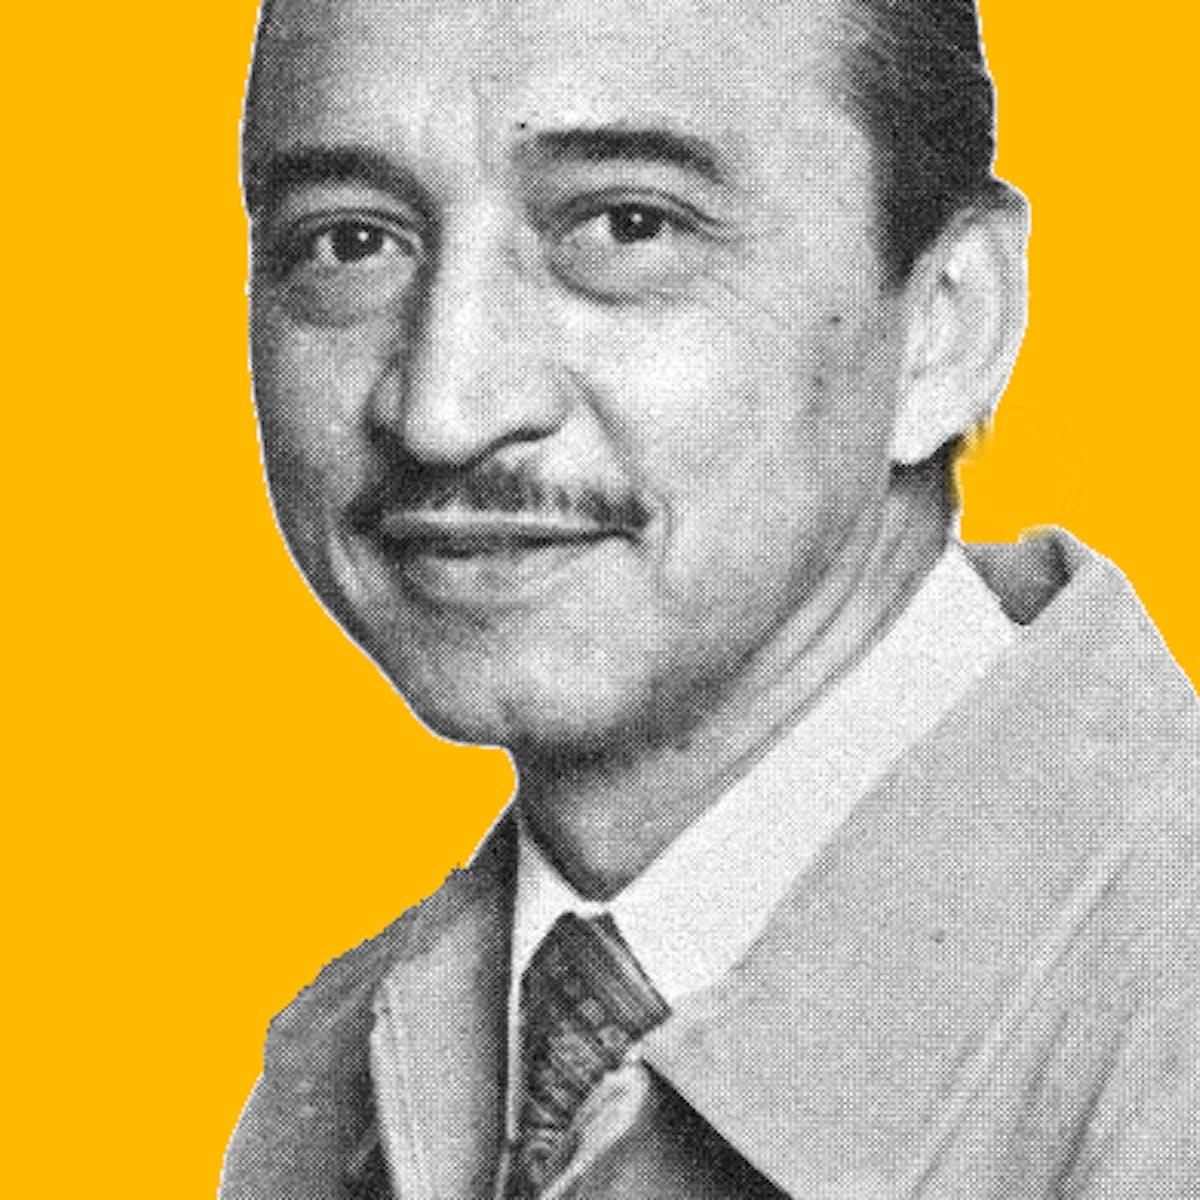 Ignacio Anaya García: Necessity Was the Mother of Invention ... For Nachos